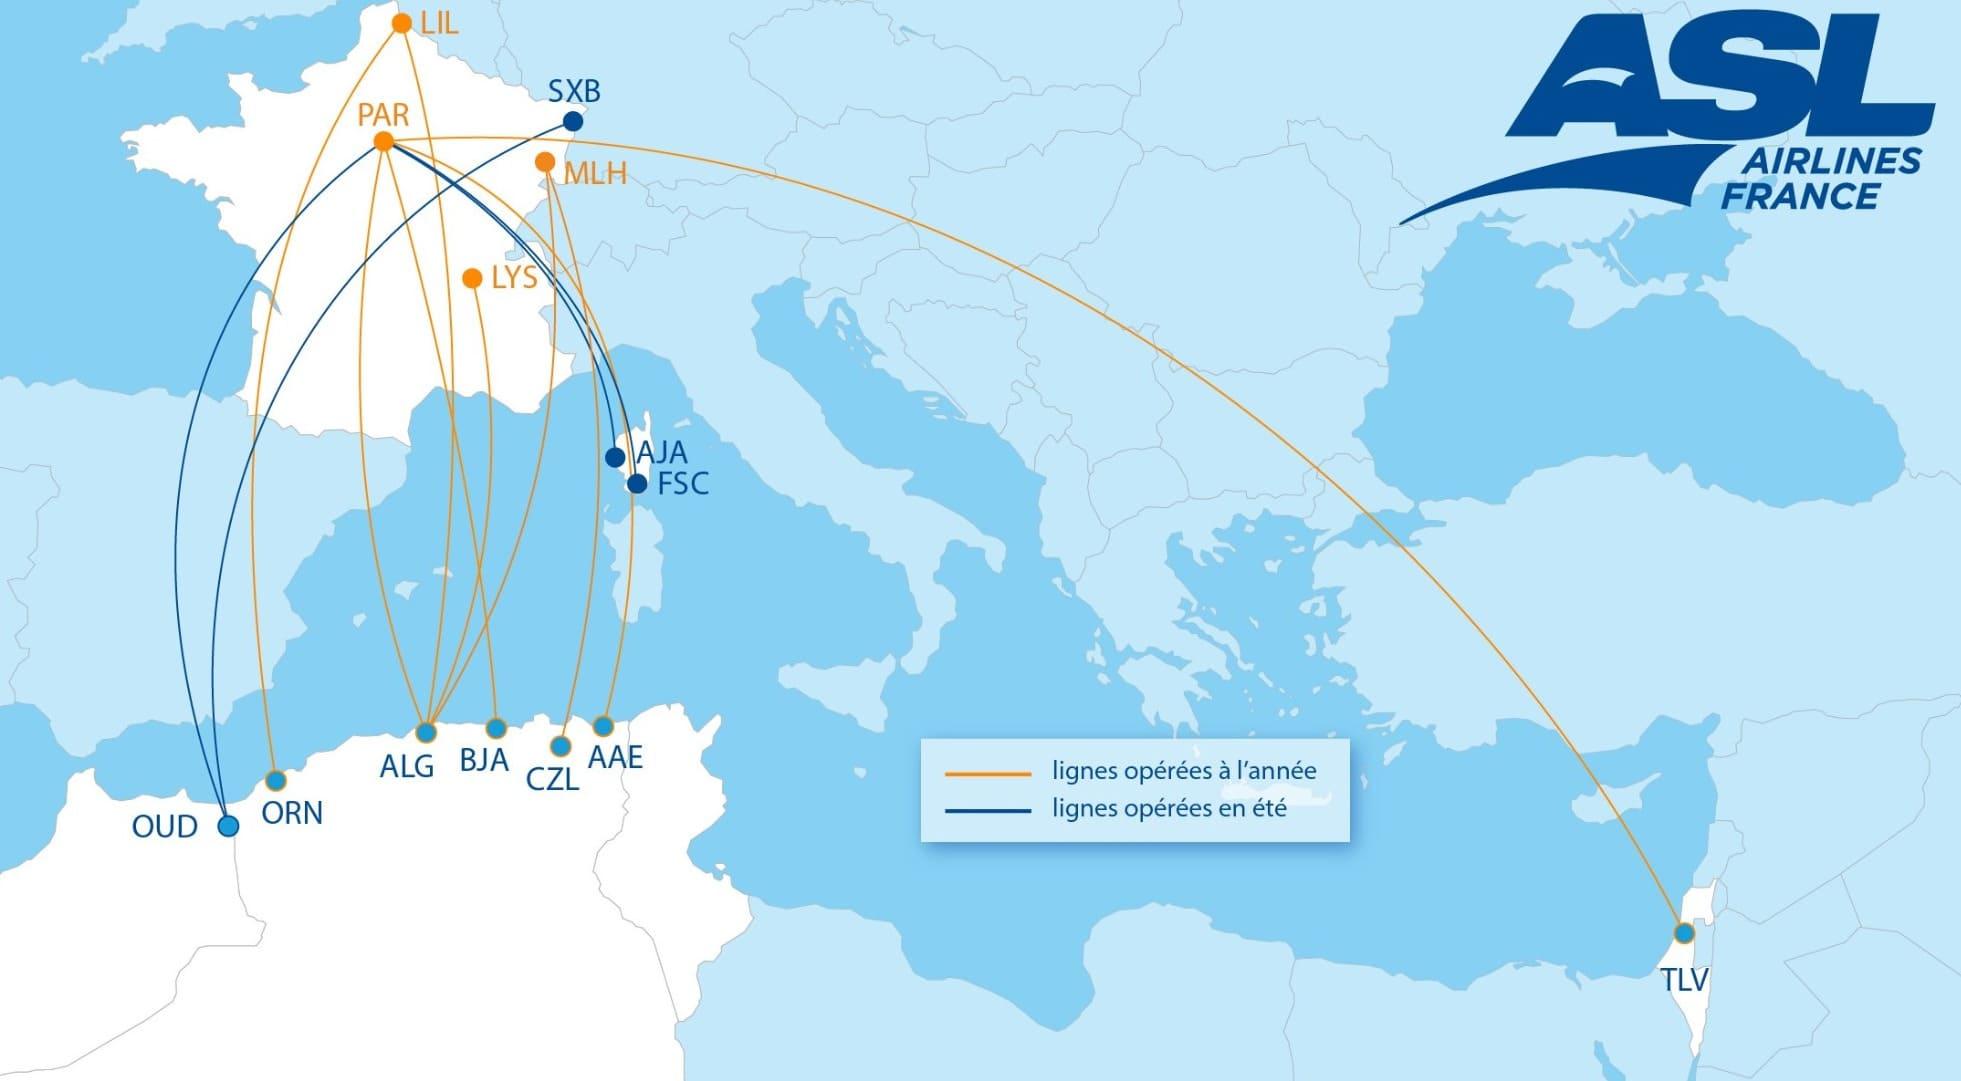 Lignes ASL Airlines France été 2021